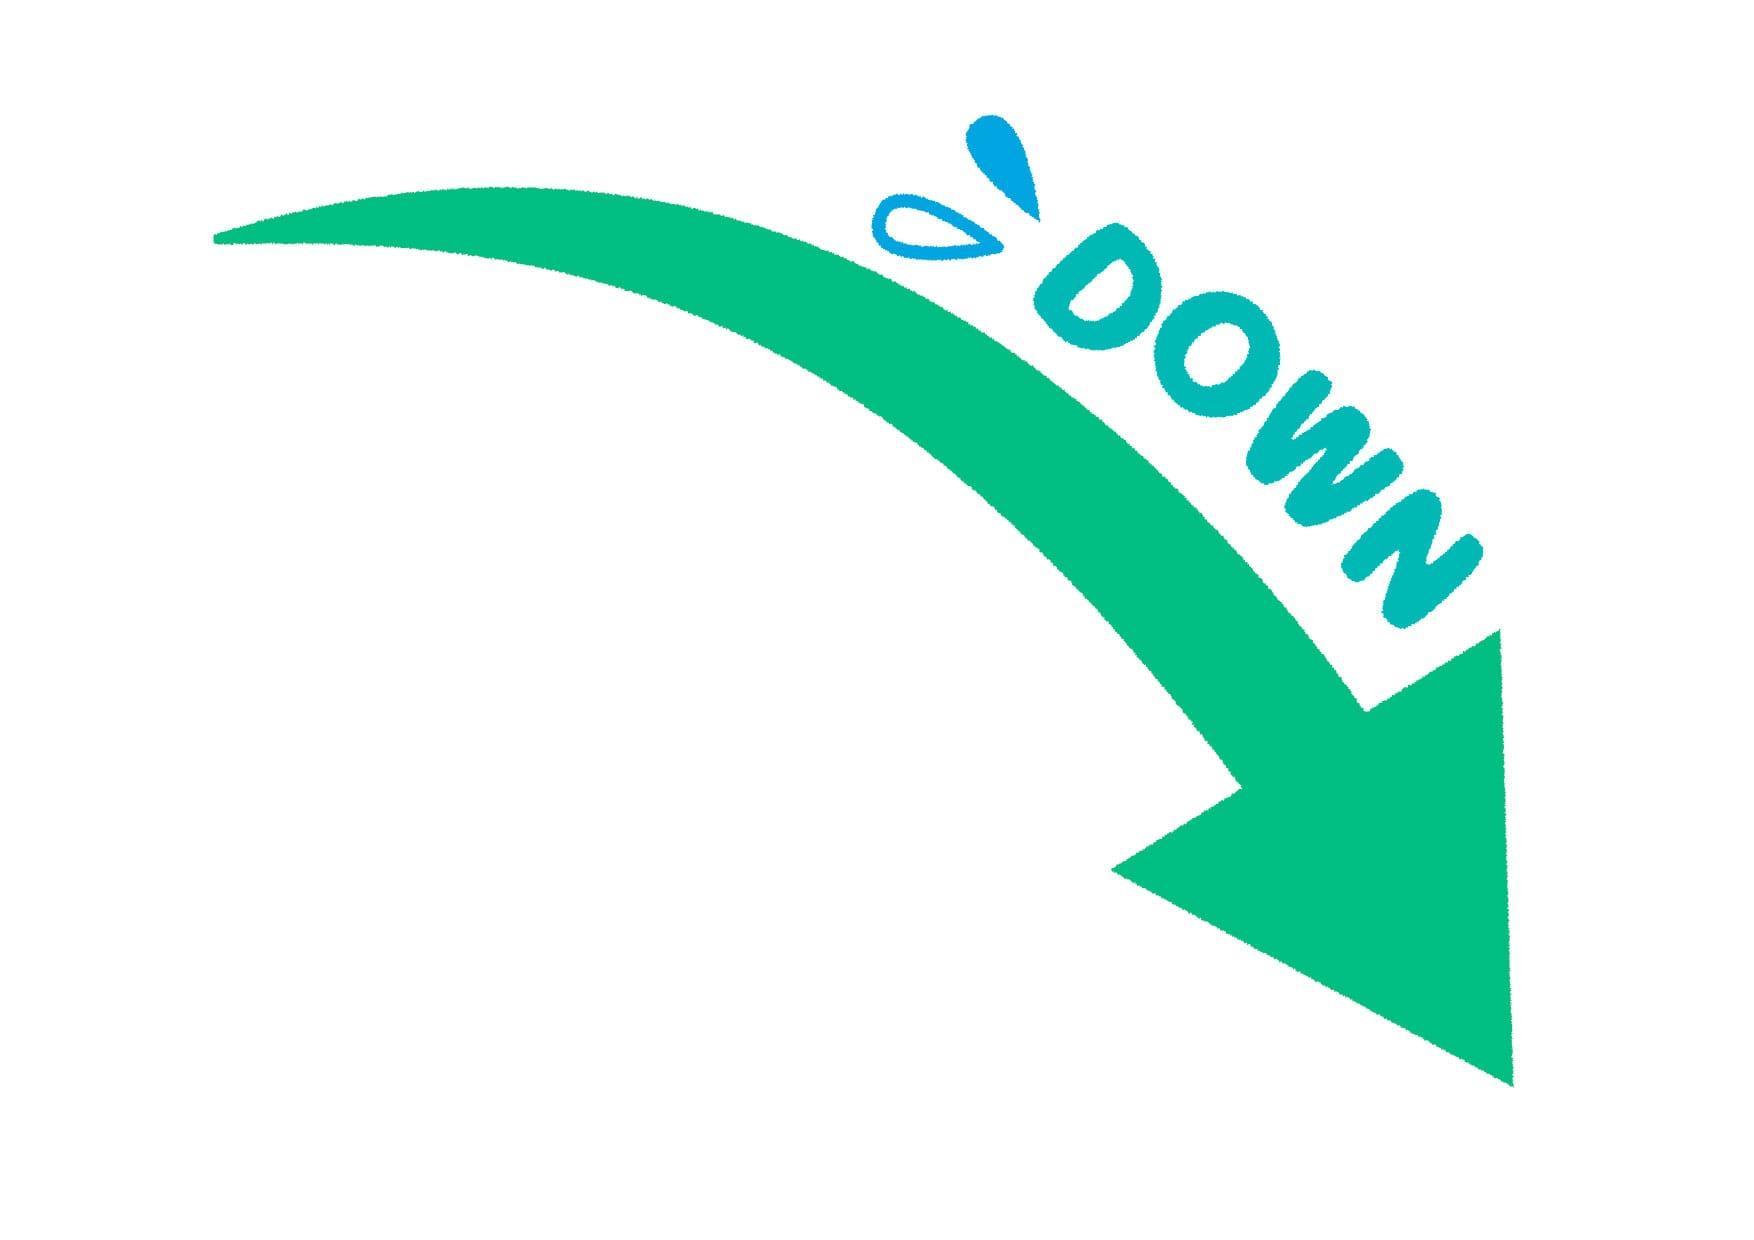 可愛いイラスト無料|矢印 DOWN 下降  緑色 − free illustration  Arrow DOWN down green